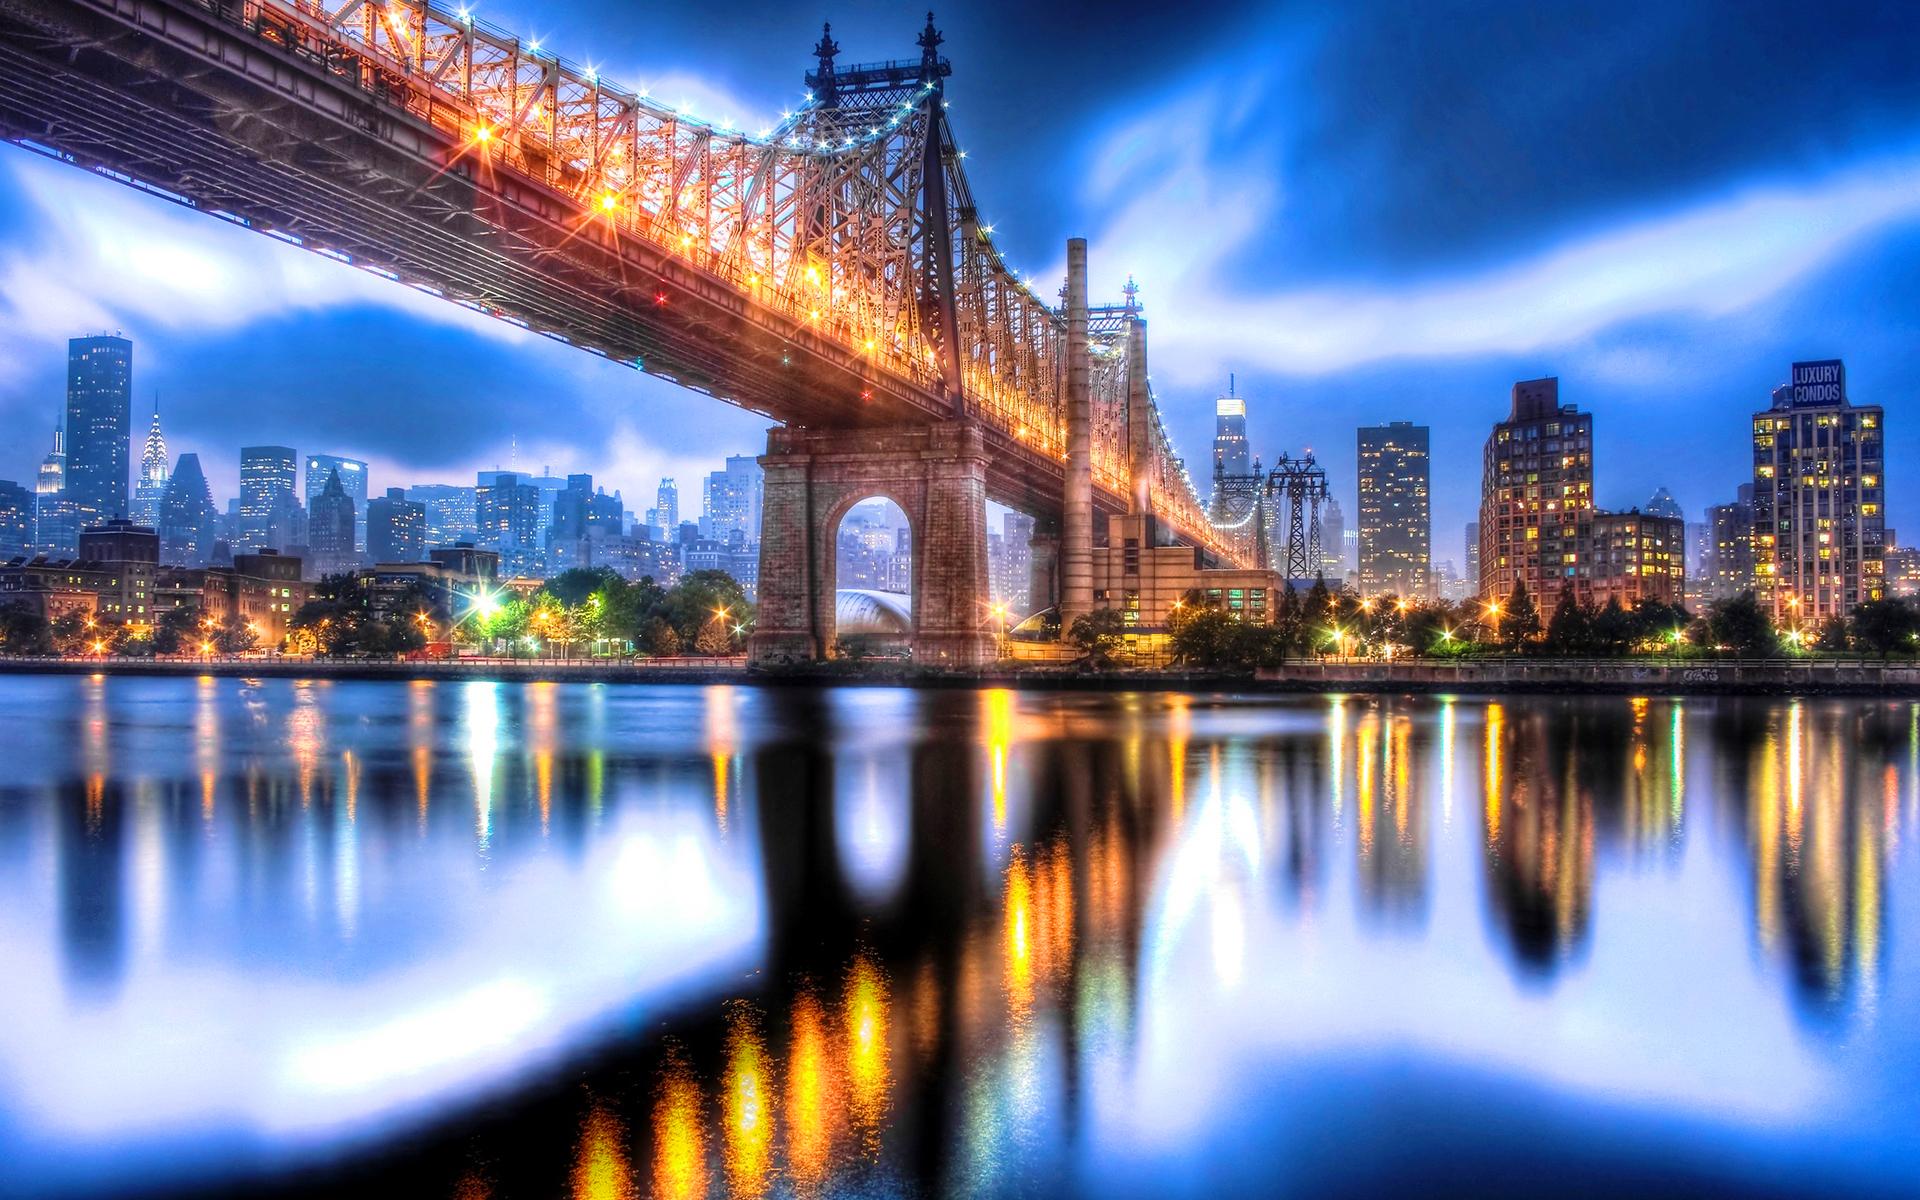 Queensboro bridge night